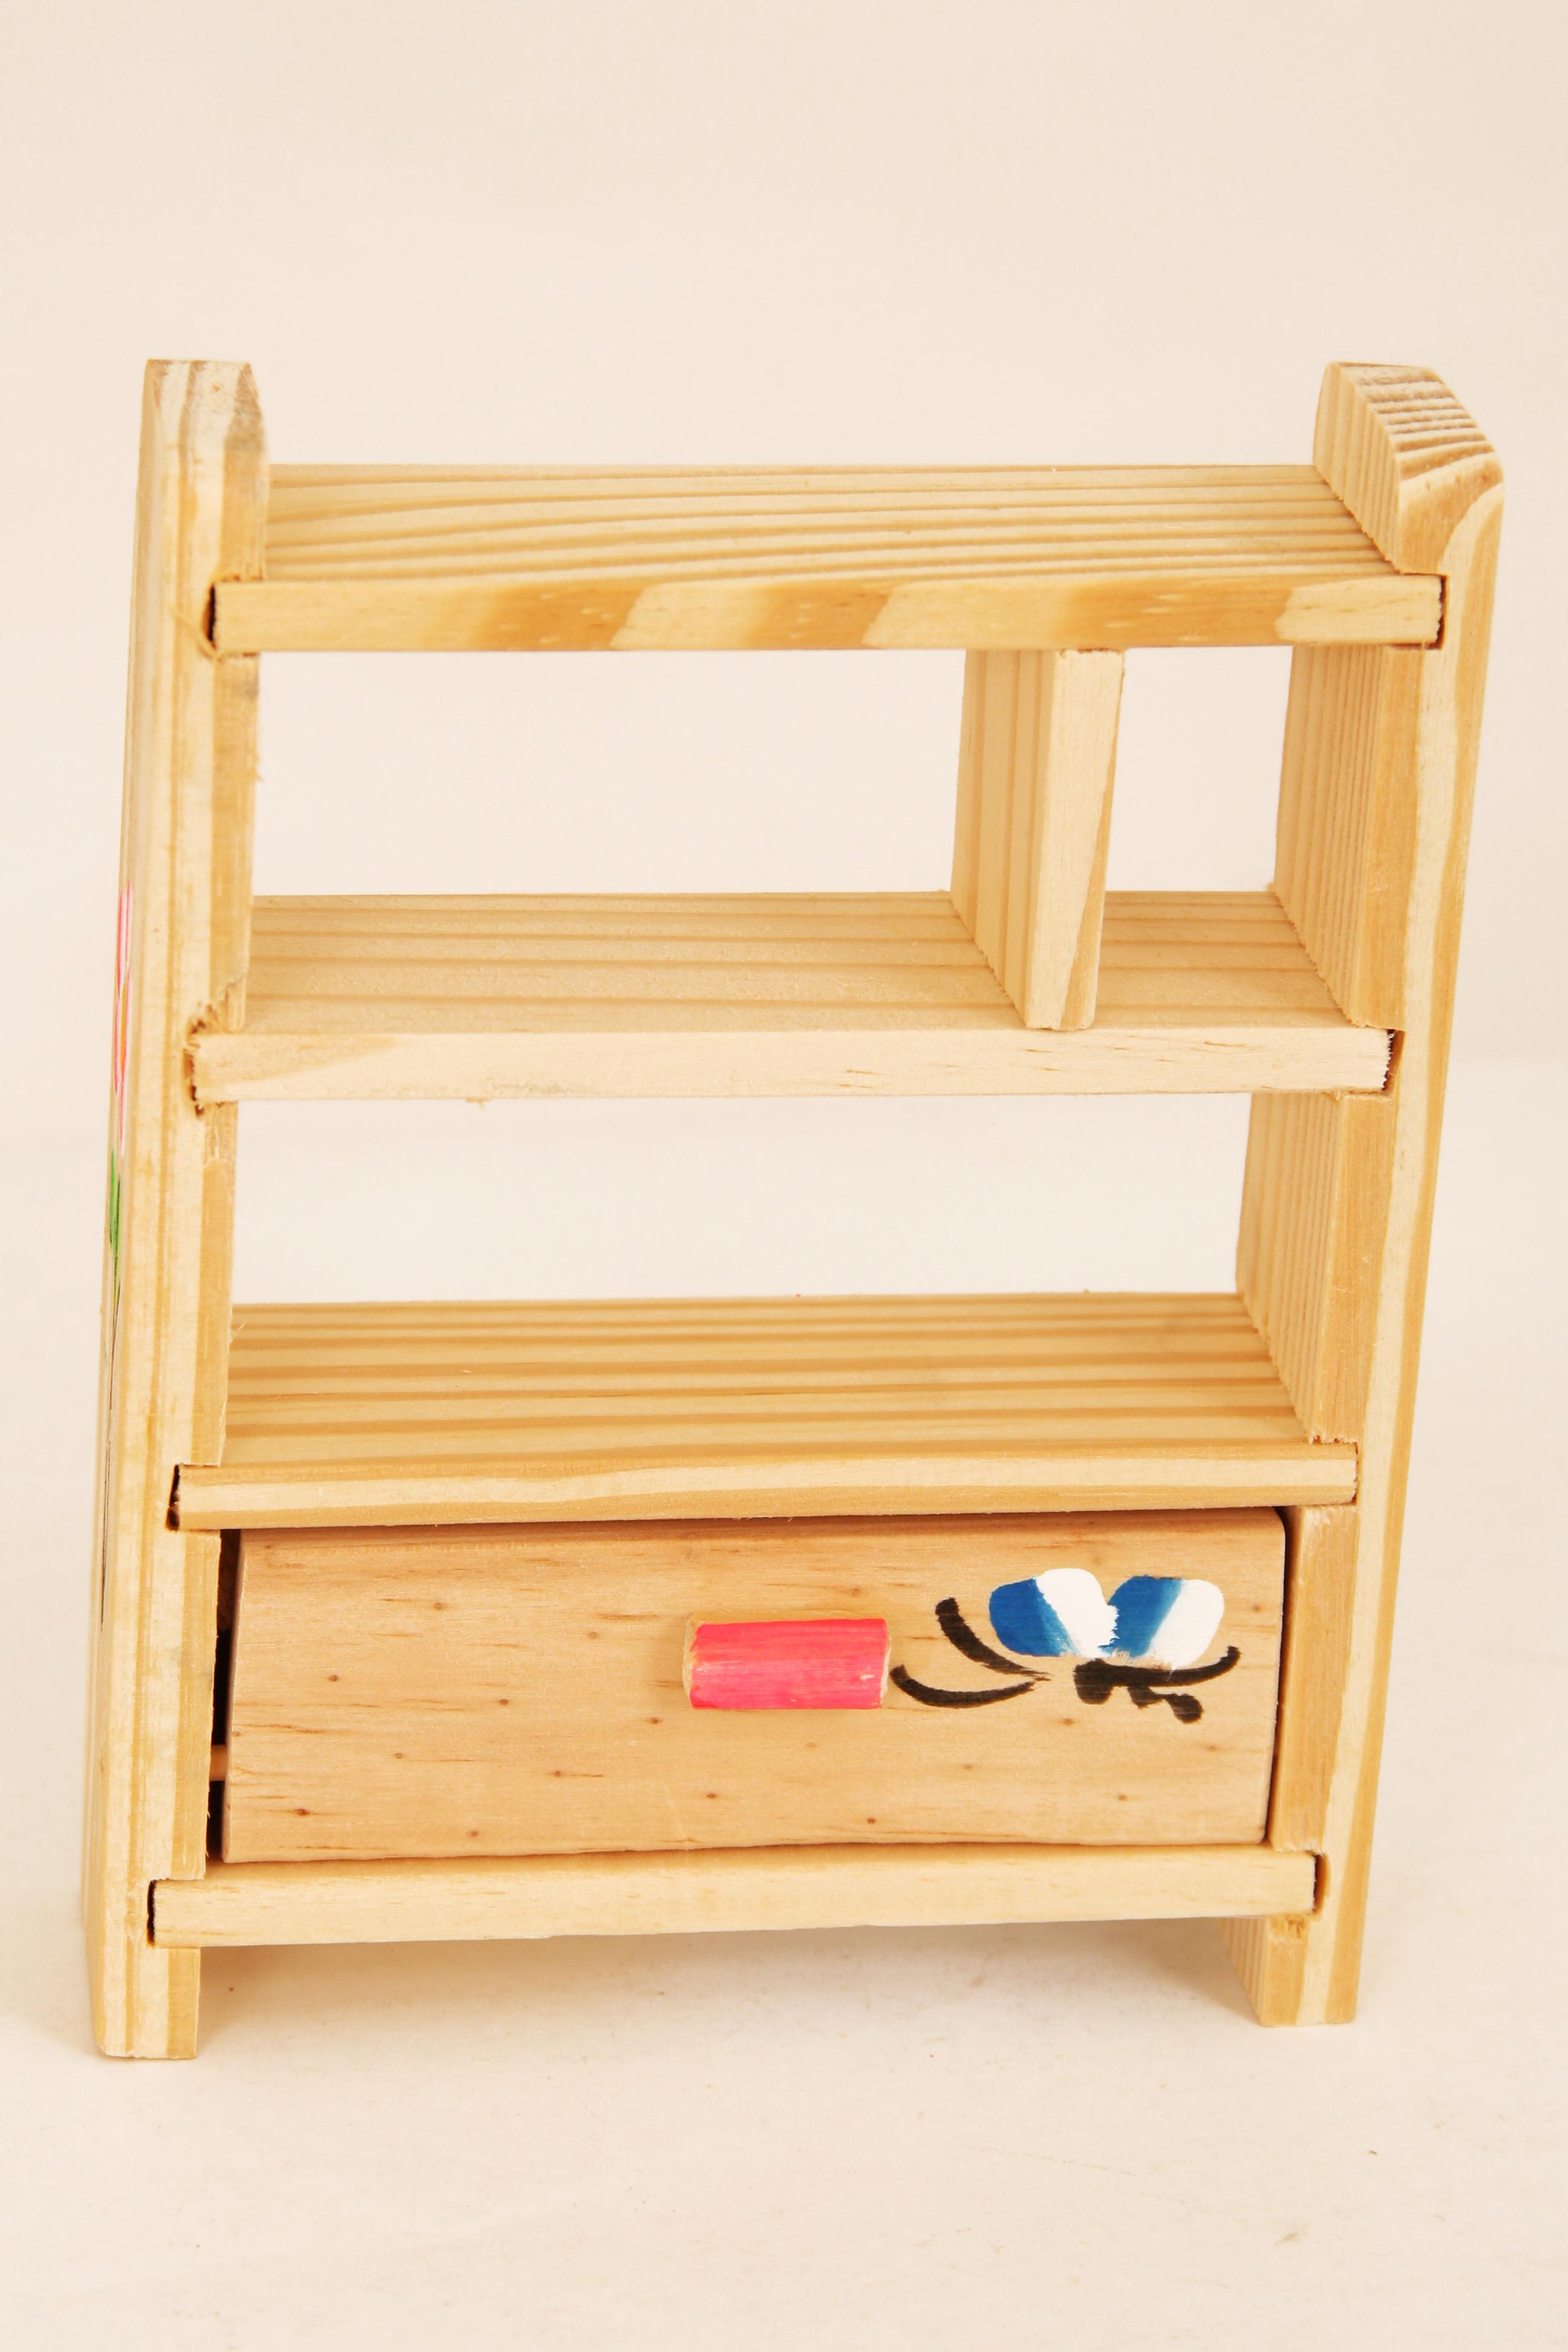 ref 400 3 estante em madeira decorada brinquedo de madeira.jpg #B67615 2592x3888